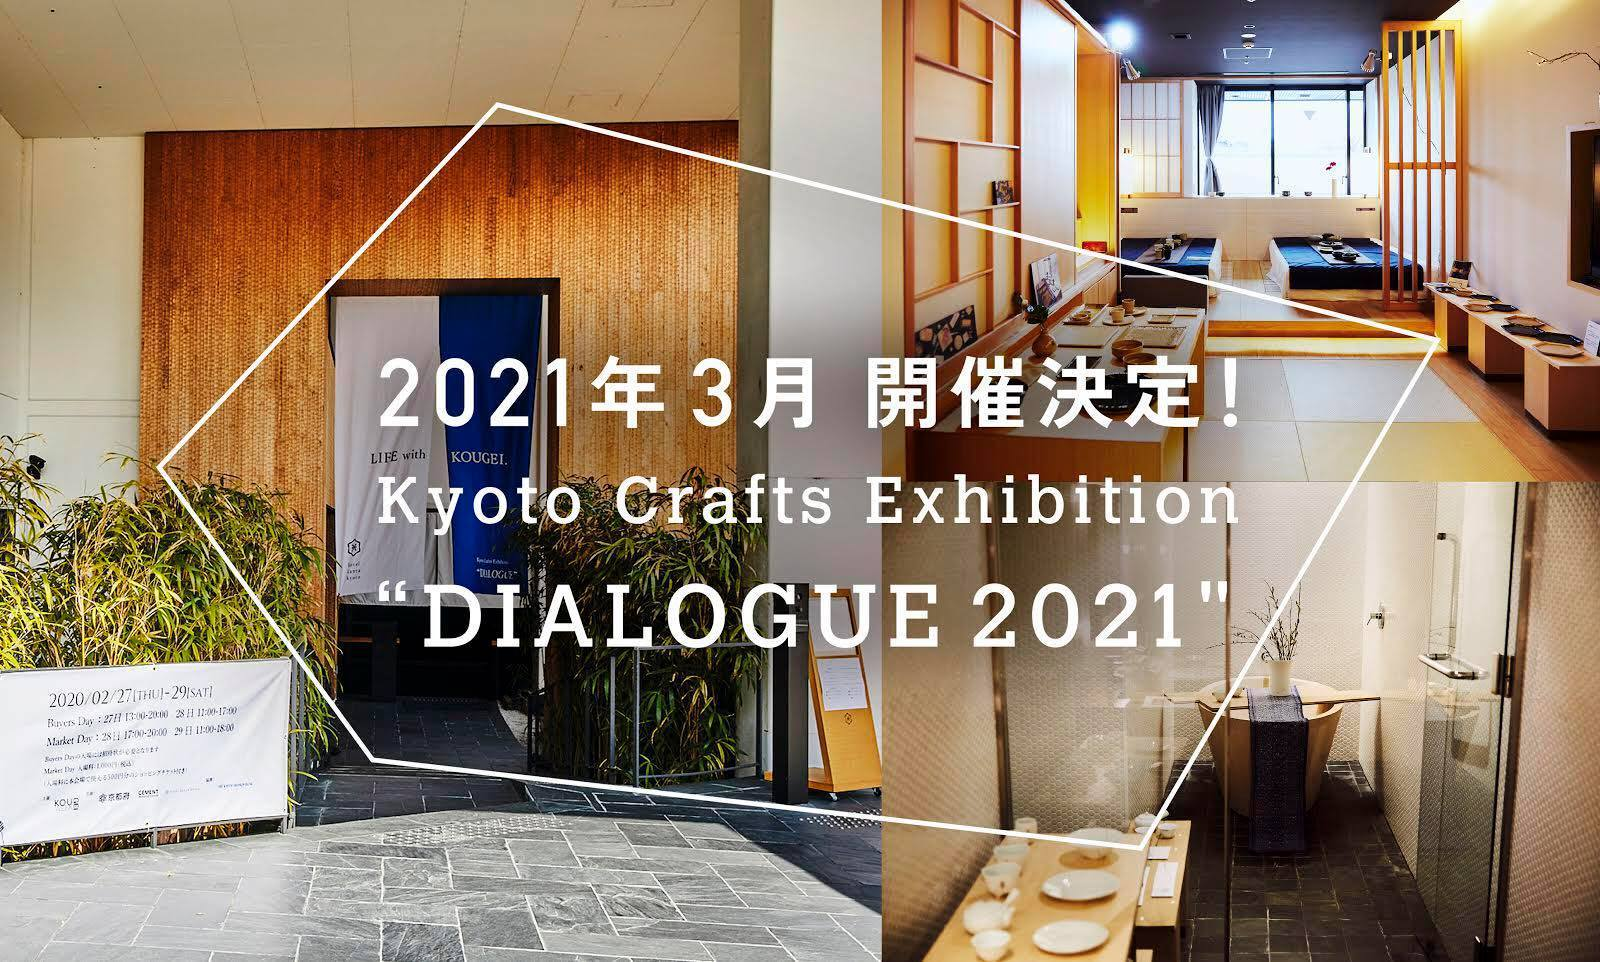 2021年3月、開催決定! 「Kyoto Crafts Exhibition DIALOGUE +」